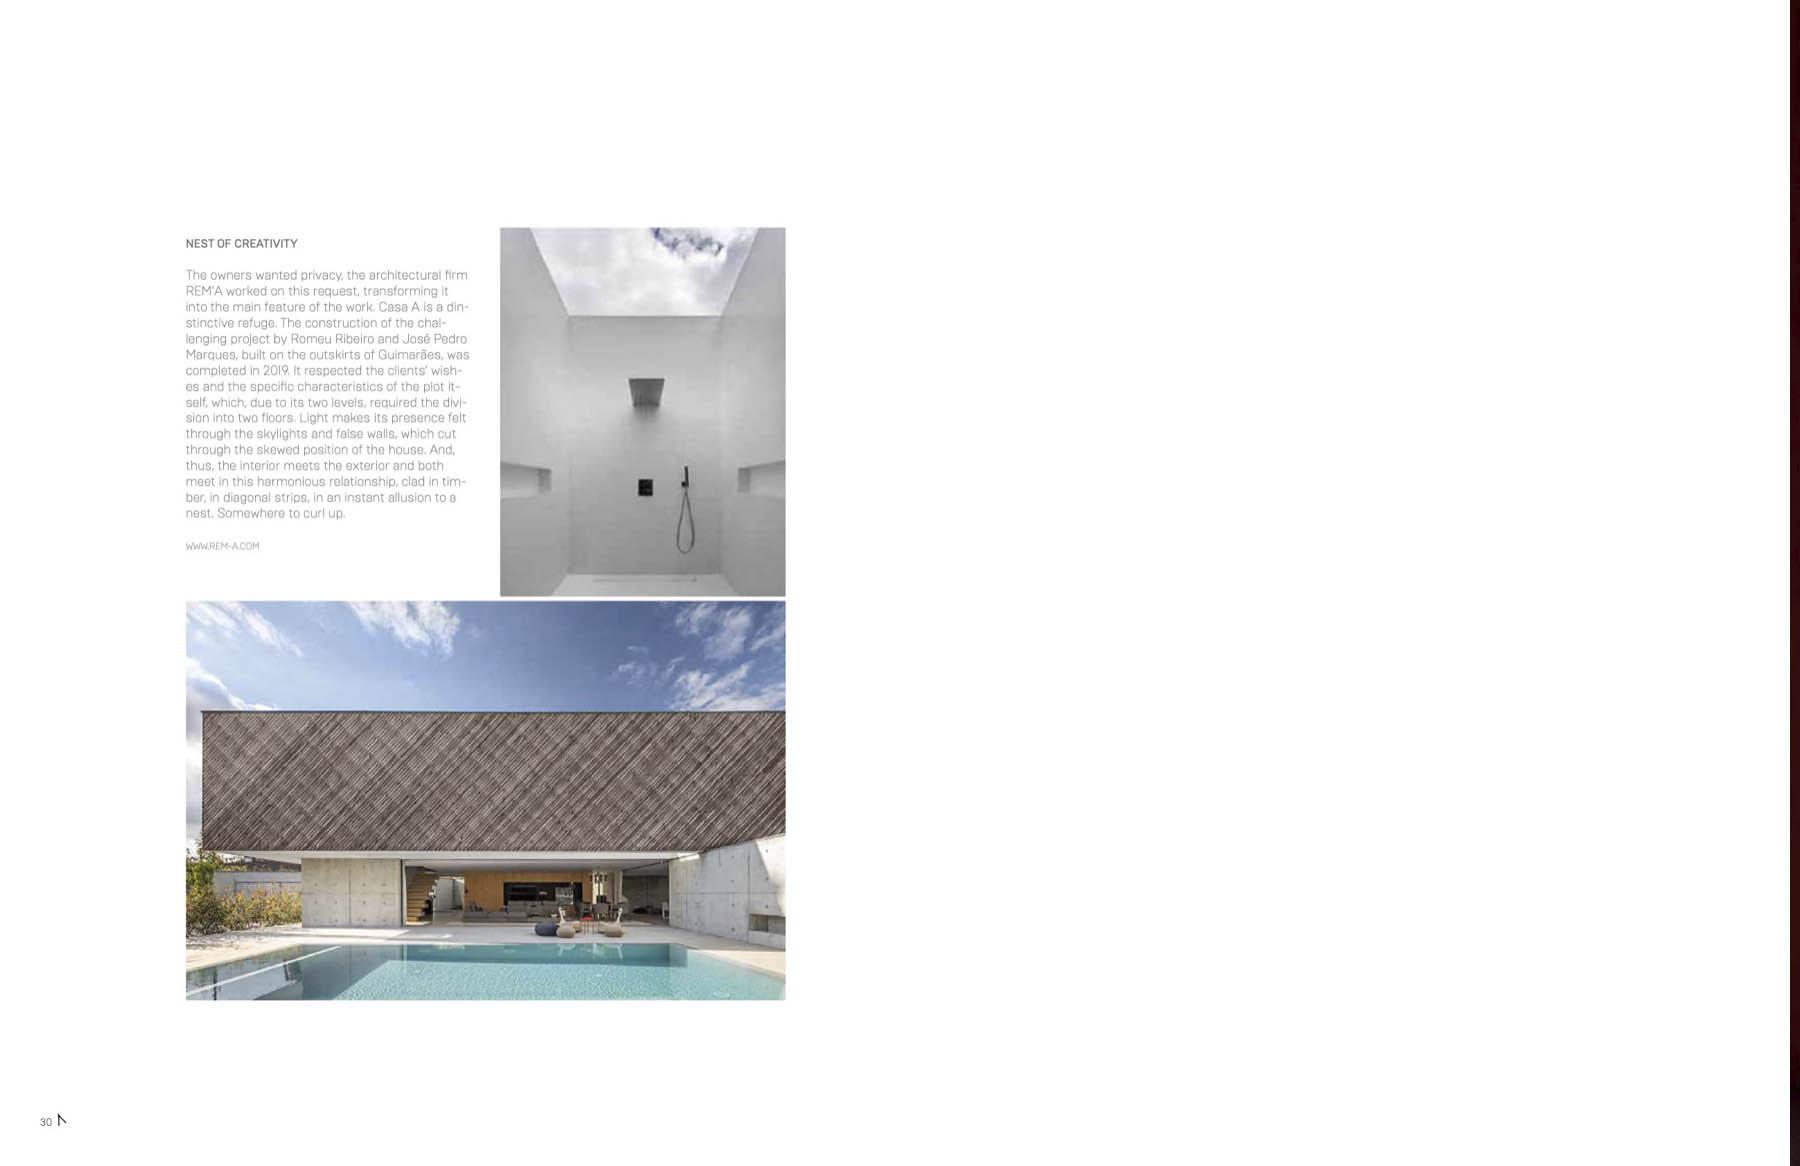 TRENDS 74 Floret Arquitectura Ren Ito RemA 16 16